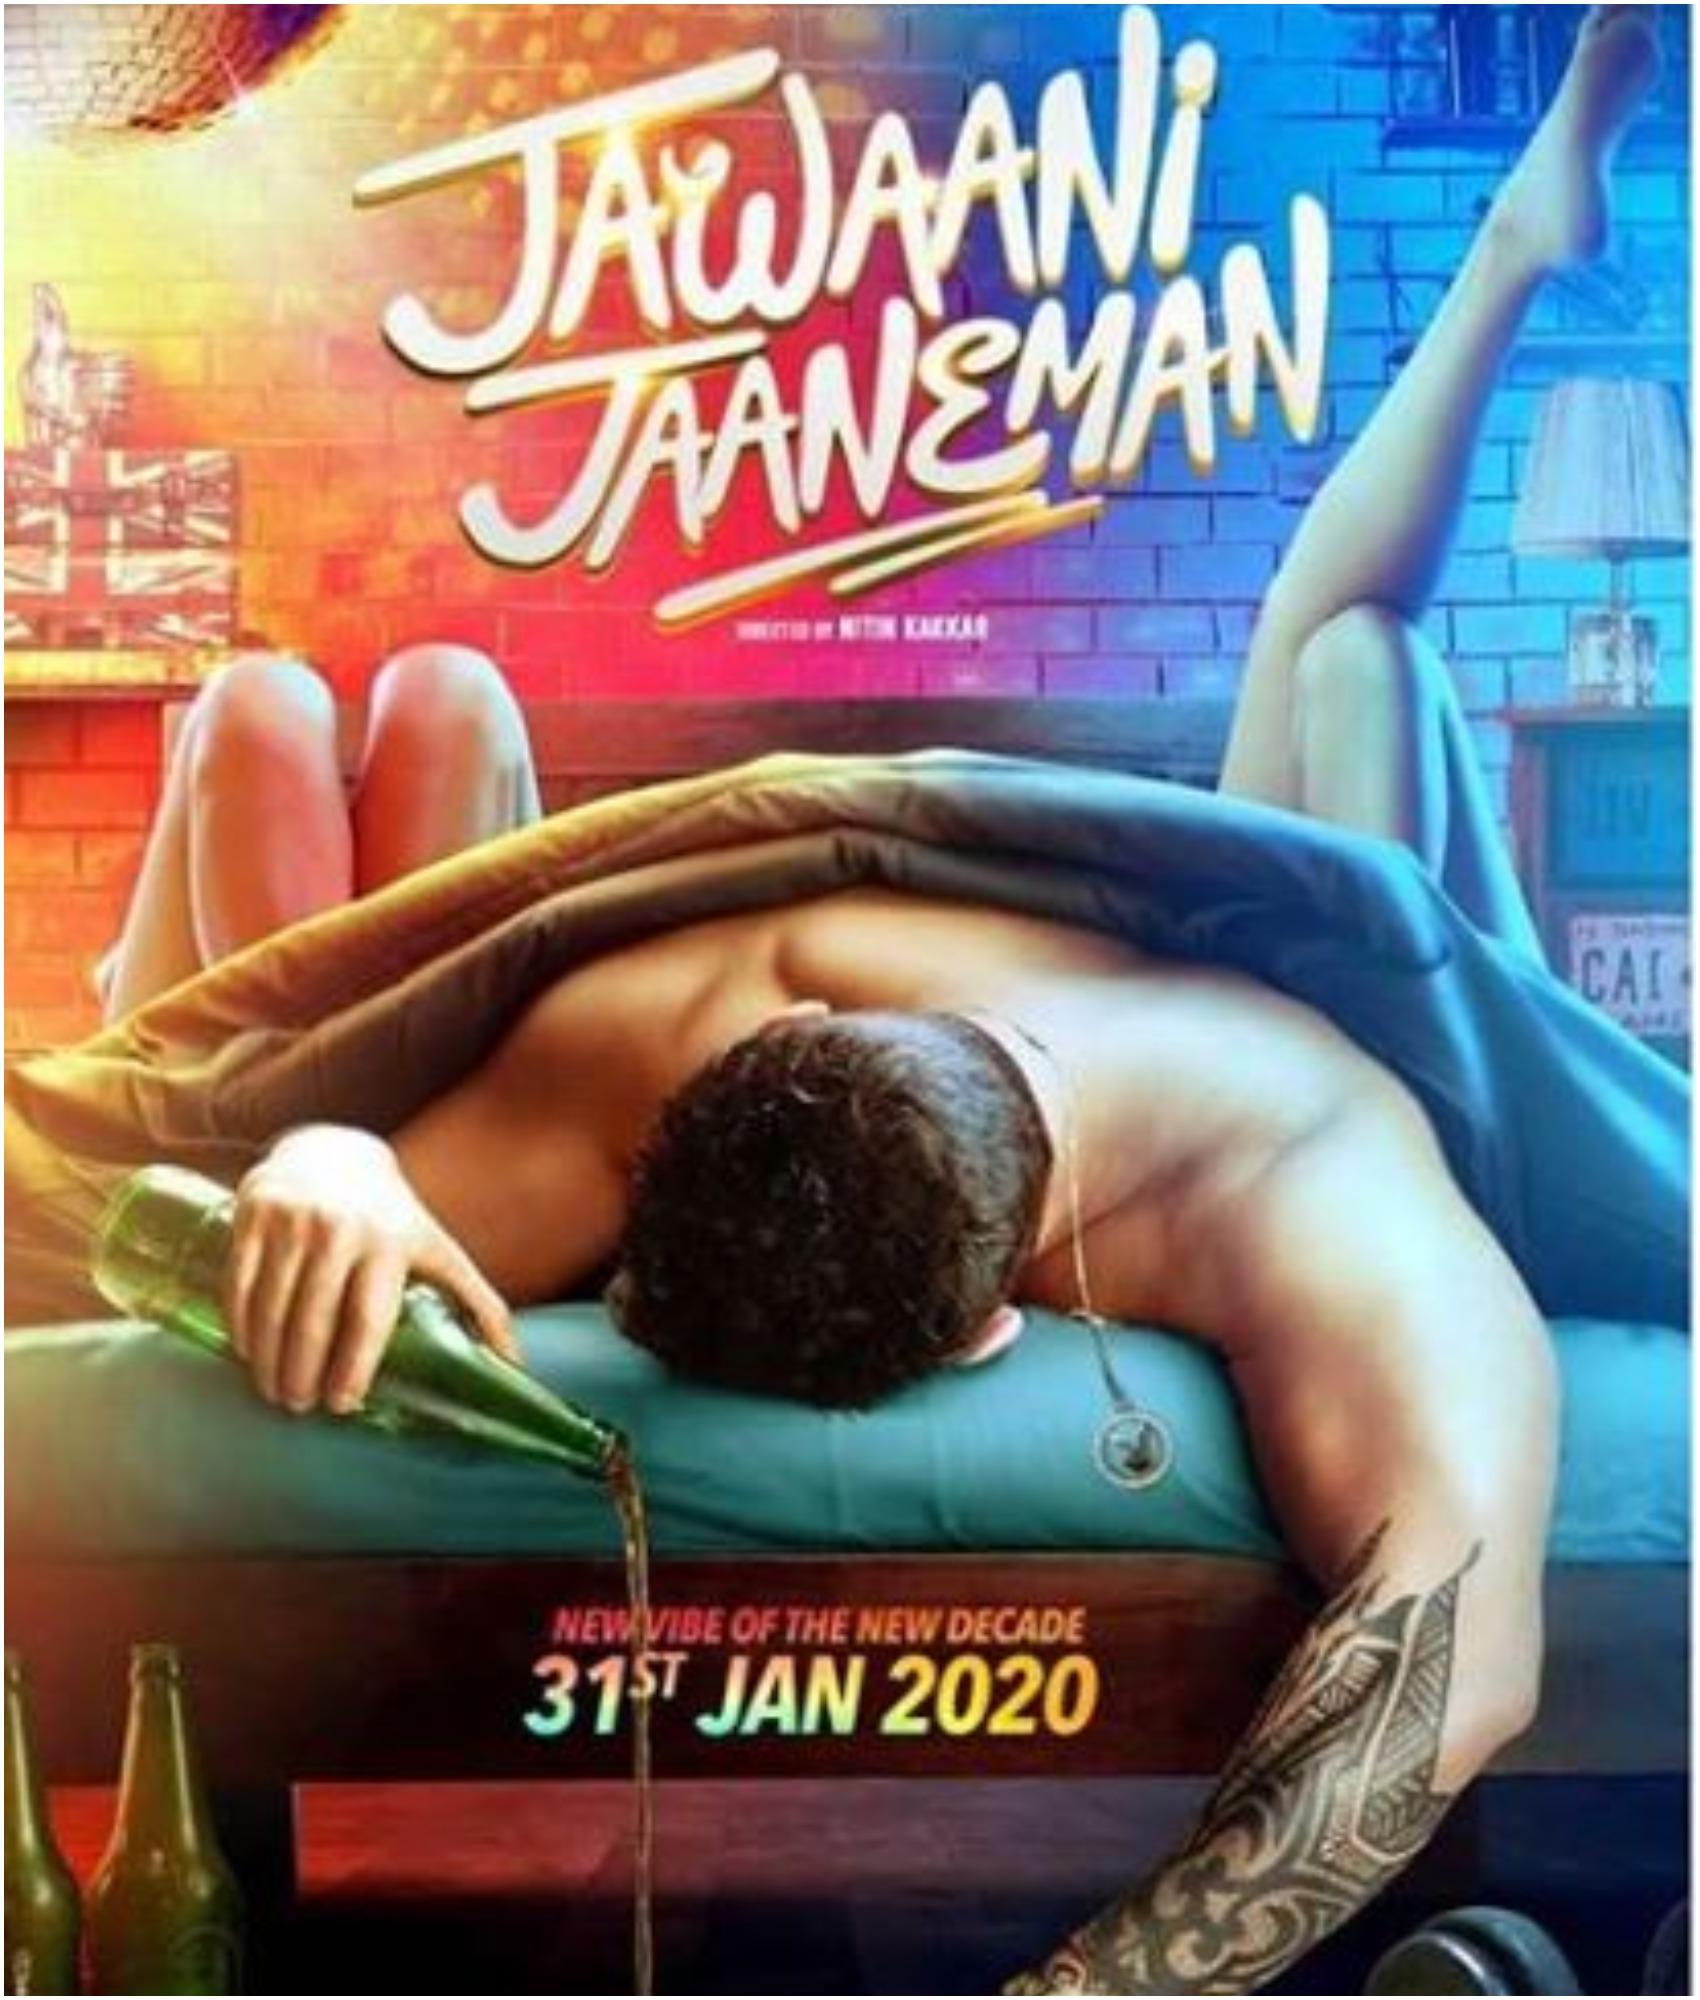 'Jawaani Jaaneman' Collection Day 2: सैफ अली खान की फिल्म जवानी जानेमन के कलेक्शन में हुई उछाल, कमाए इतने करोड़